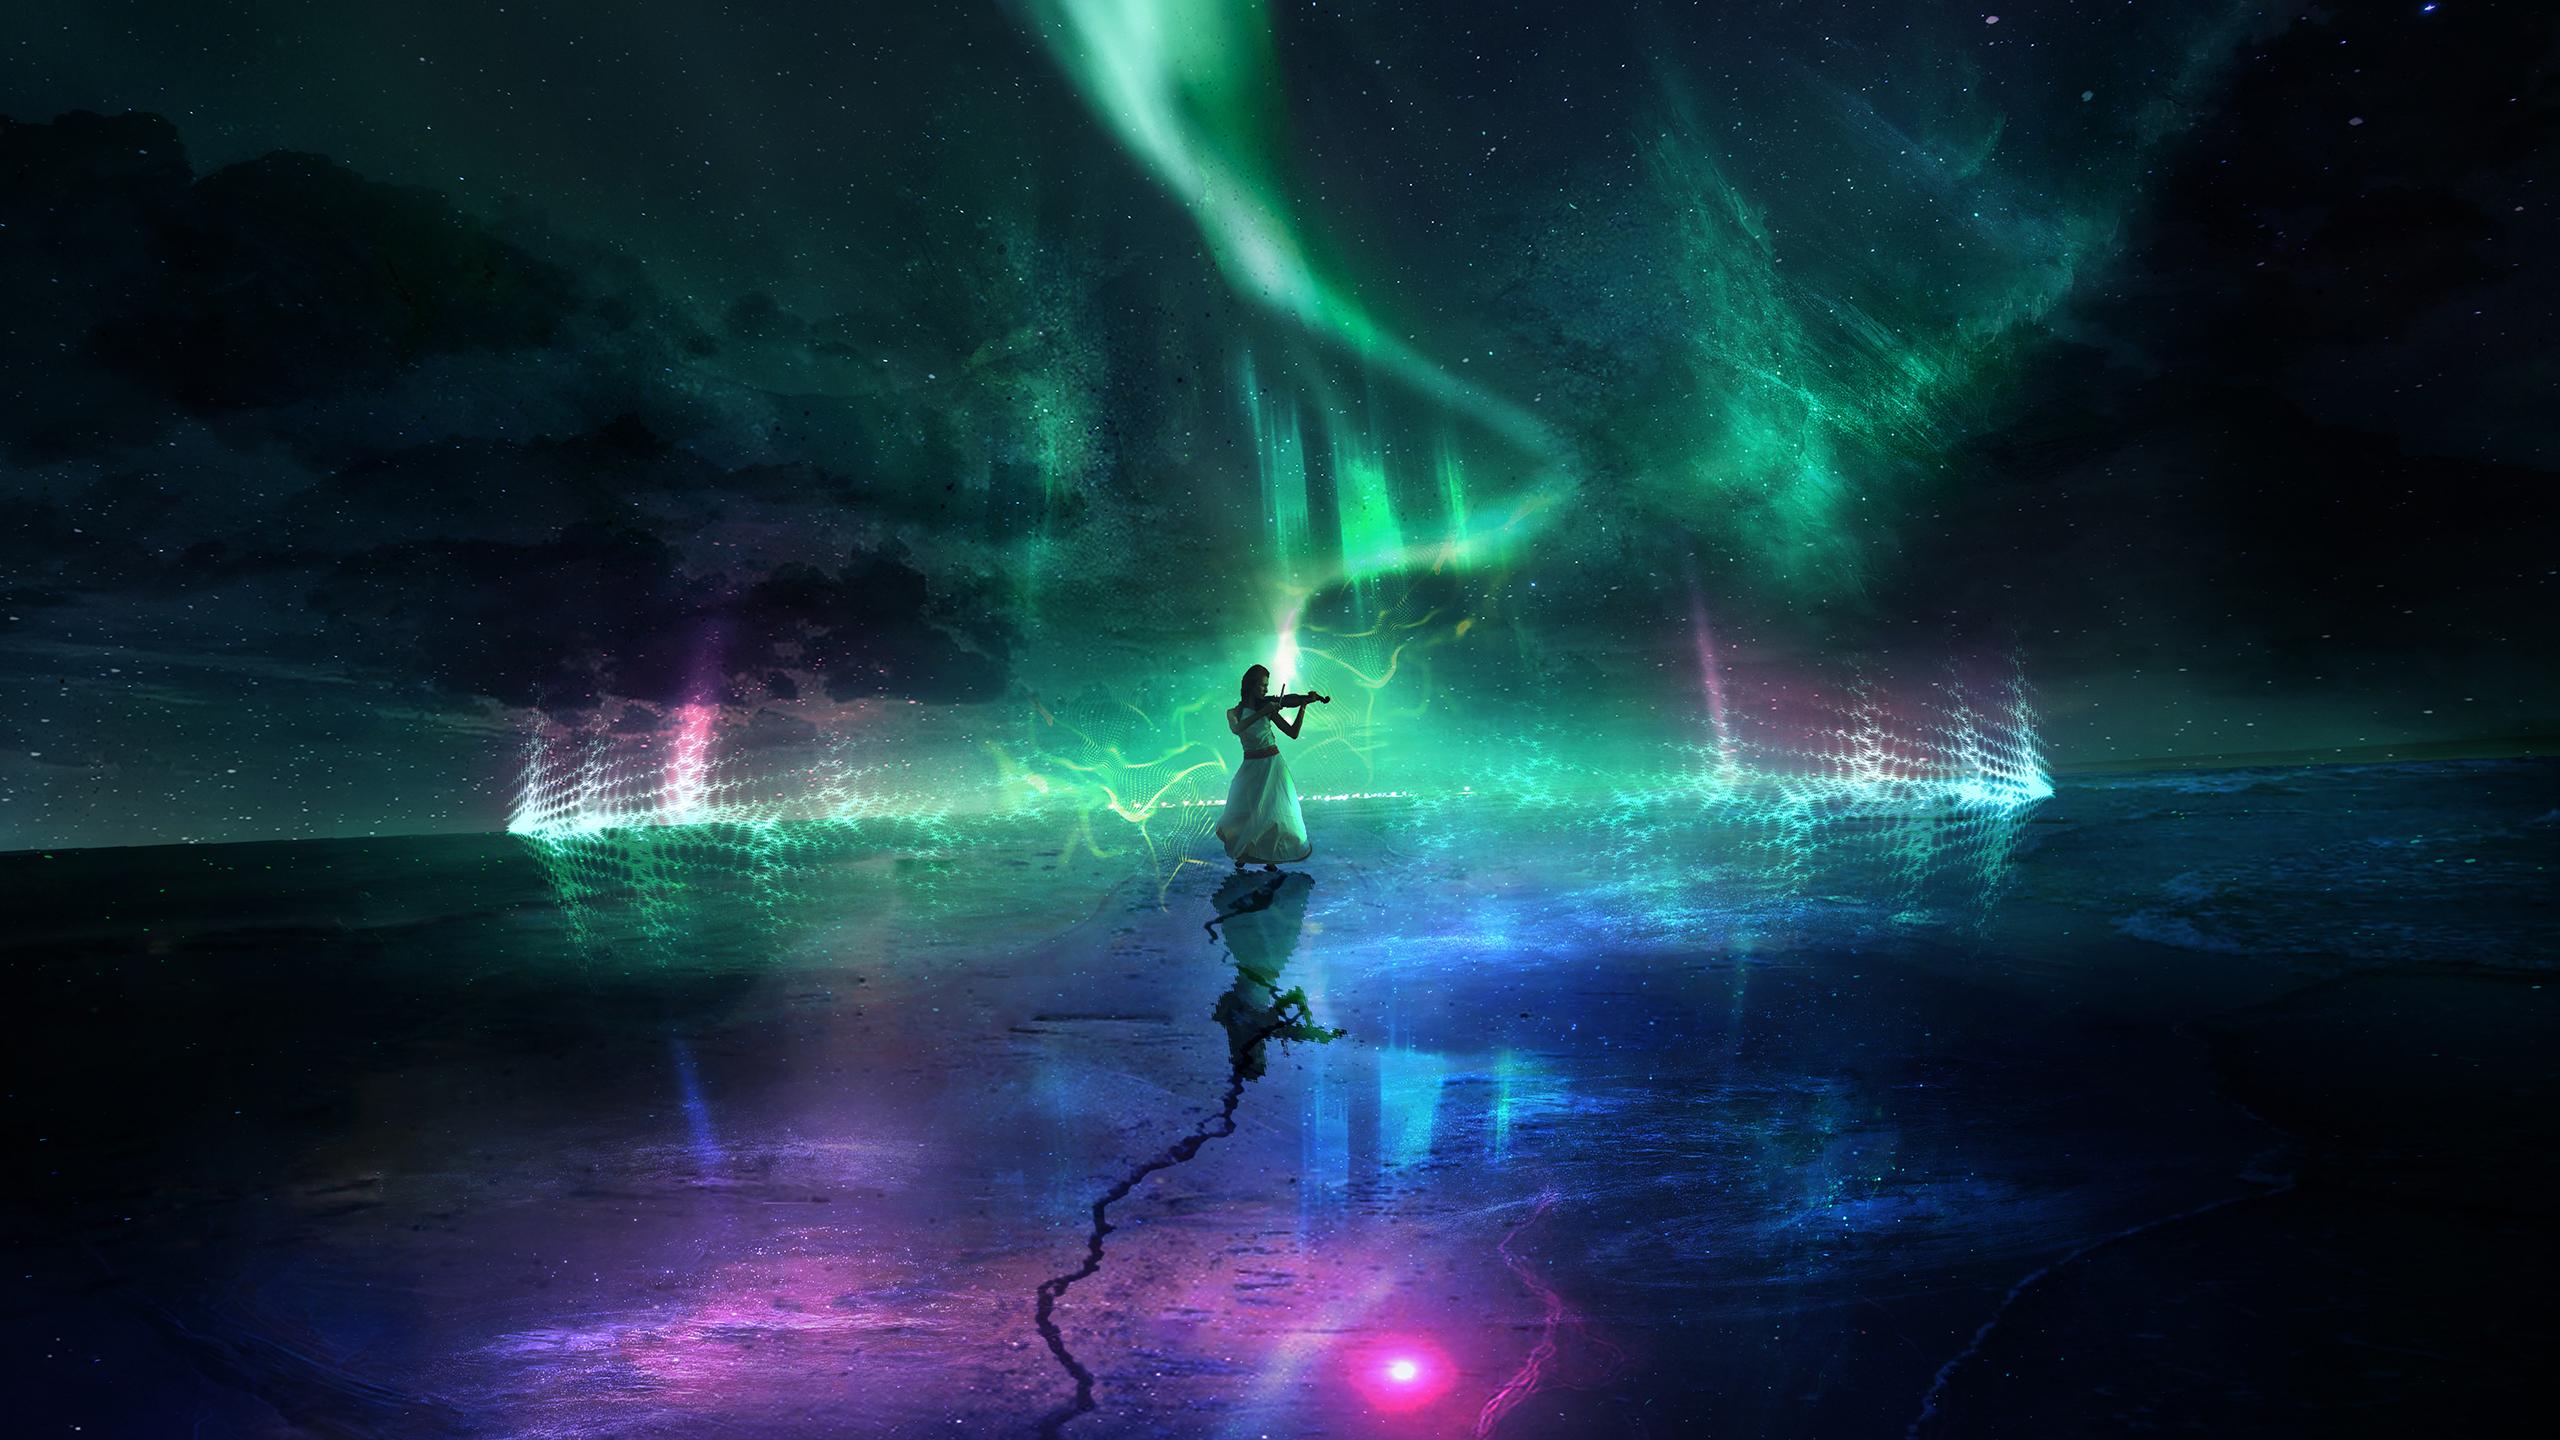 Donne full hd sfondo and sfondi 2560x1440 id 785341 for Aurora boreale sfondo